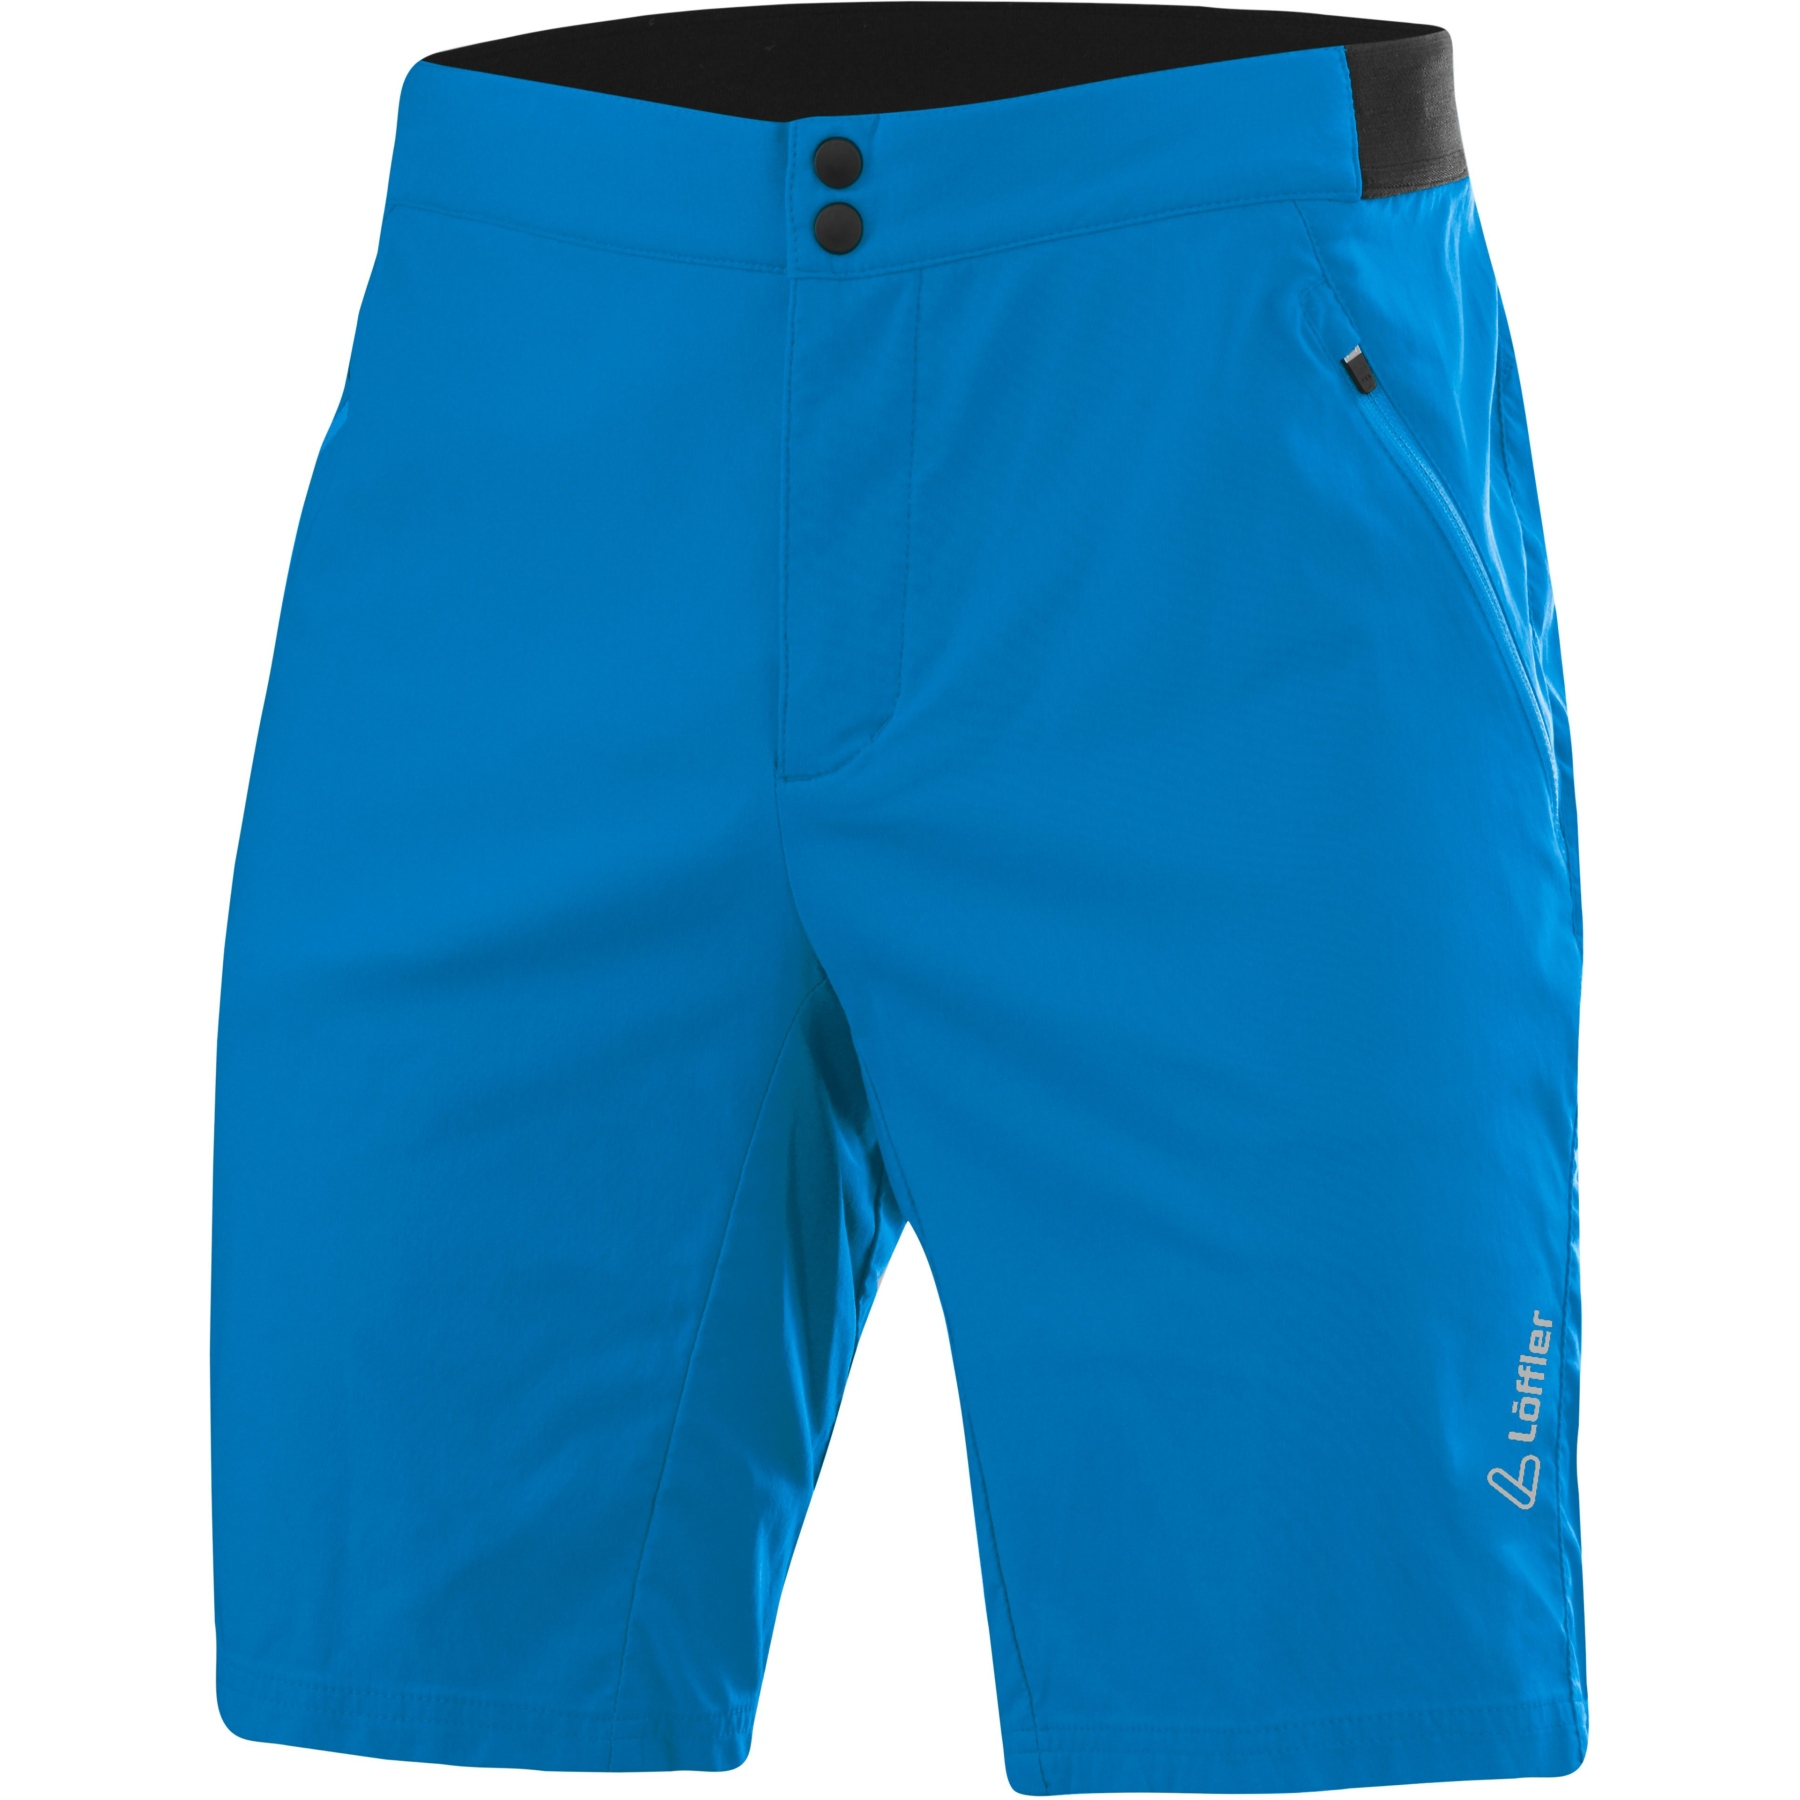 Löffler Bike Shorts Aero CSL 23502 - blue lake 426